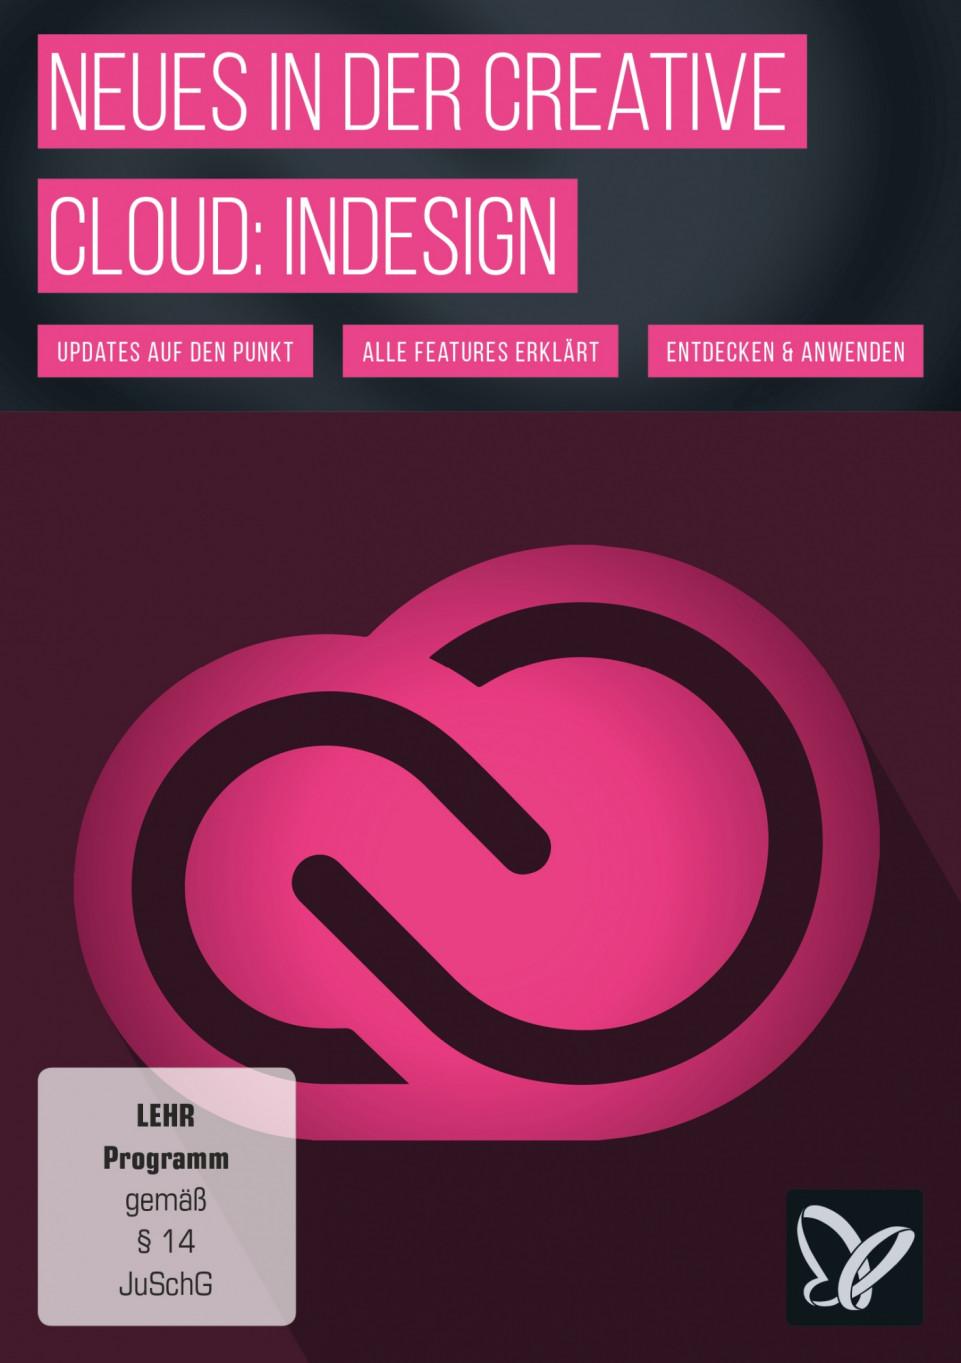 InDesign-Updates: Neues in der Creative Cloud